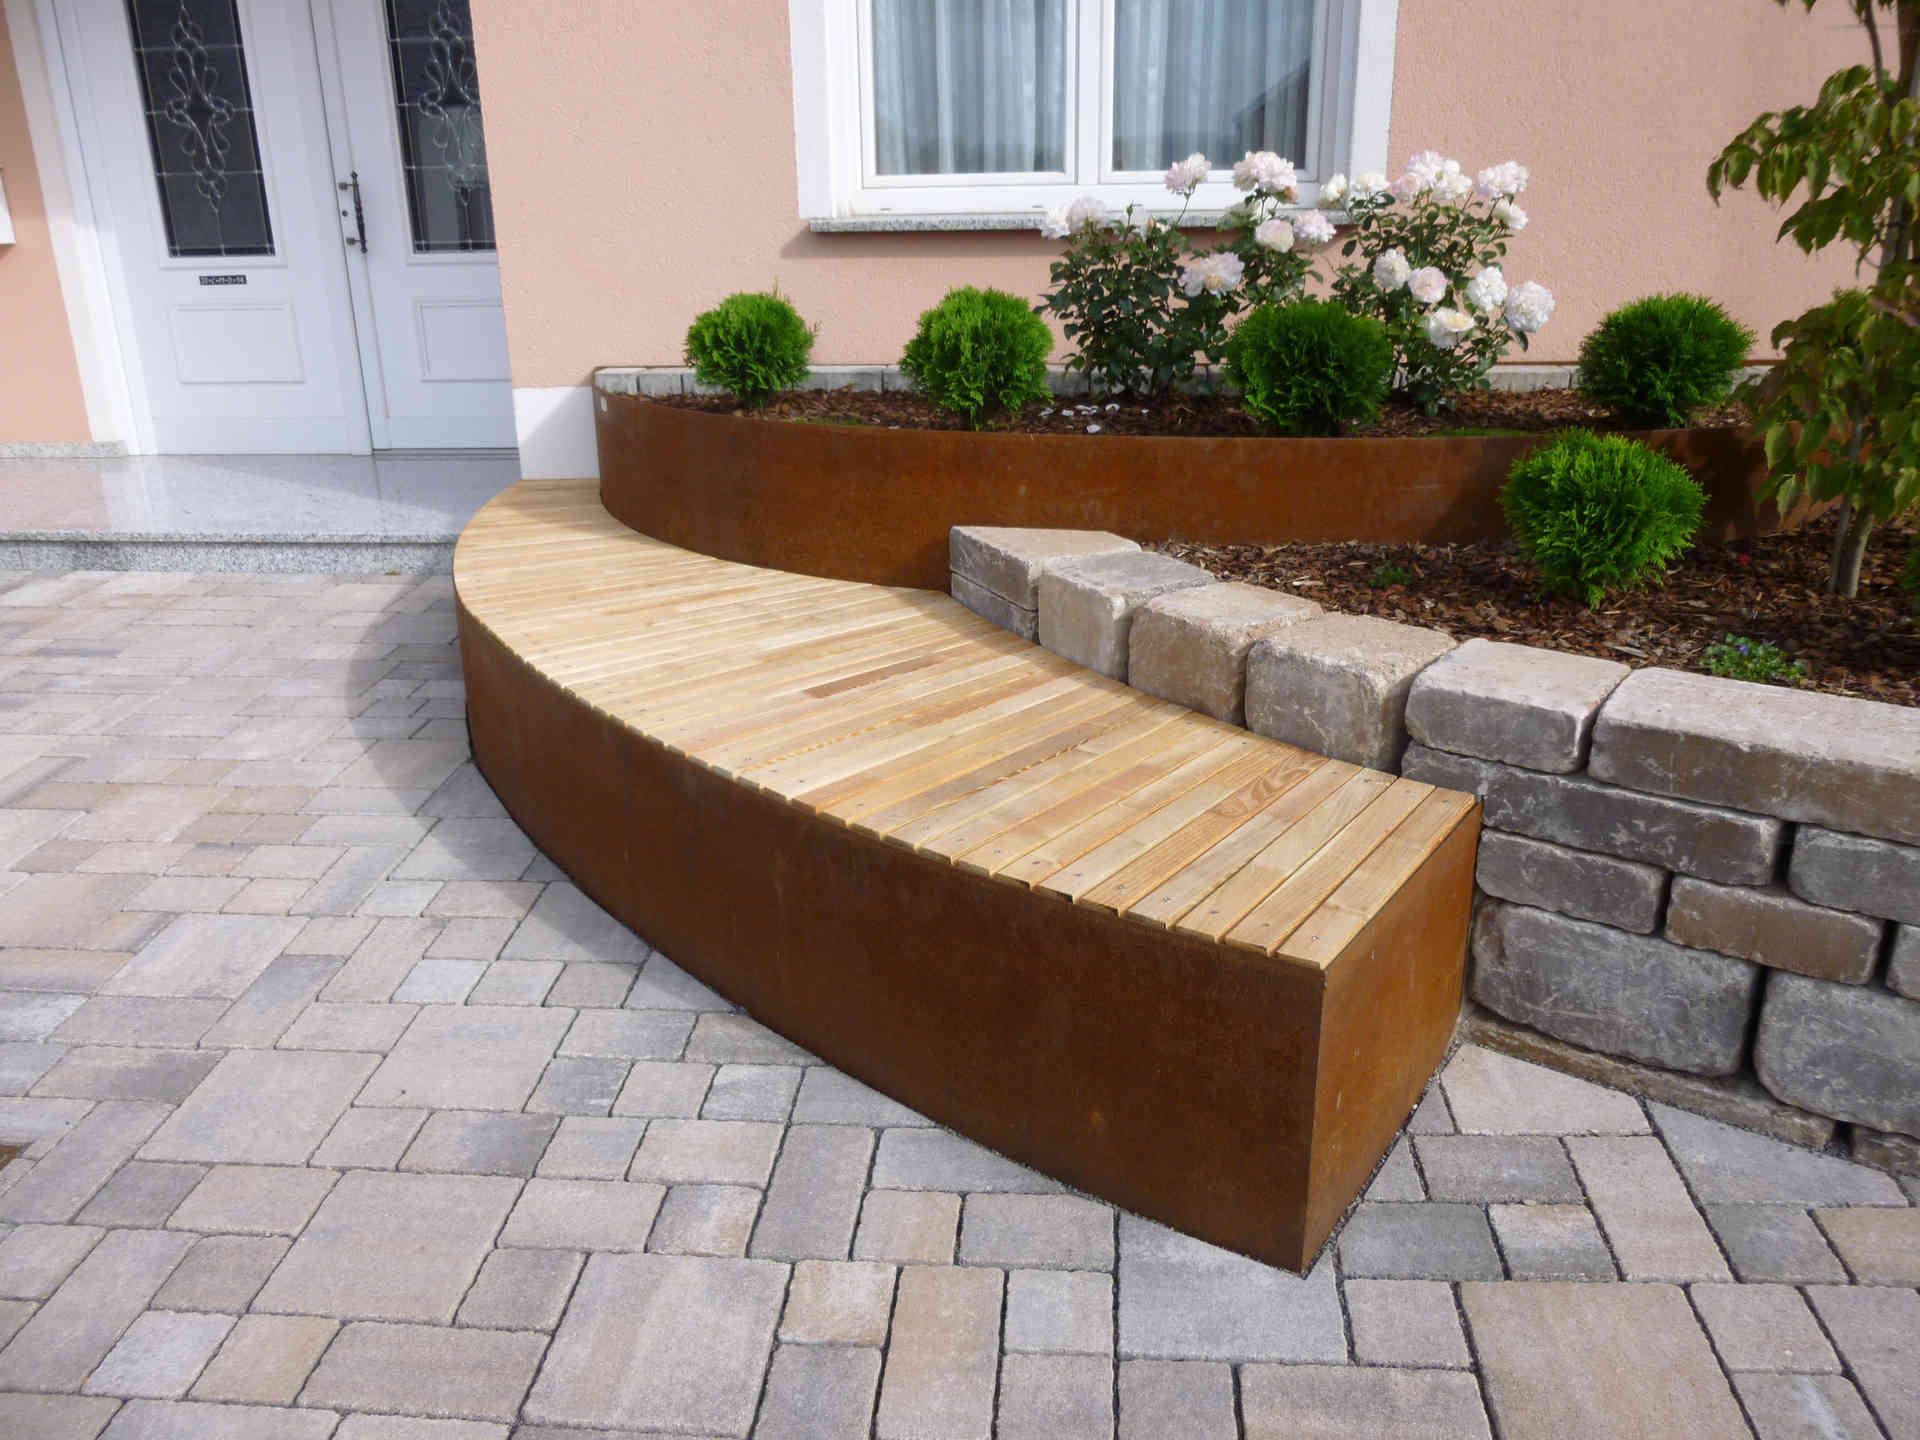 Vorgartengestaltung mit Pflasterung, Hochbeet und Sitzbank